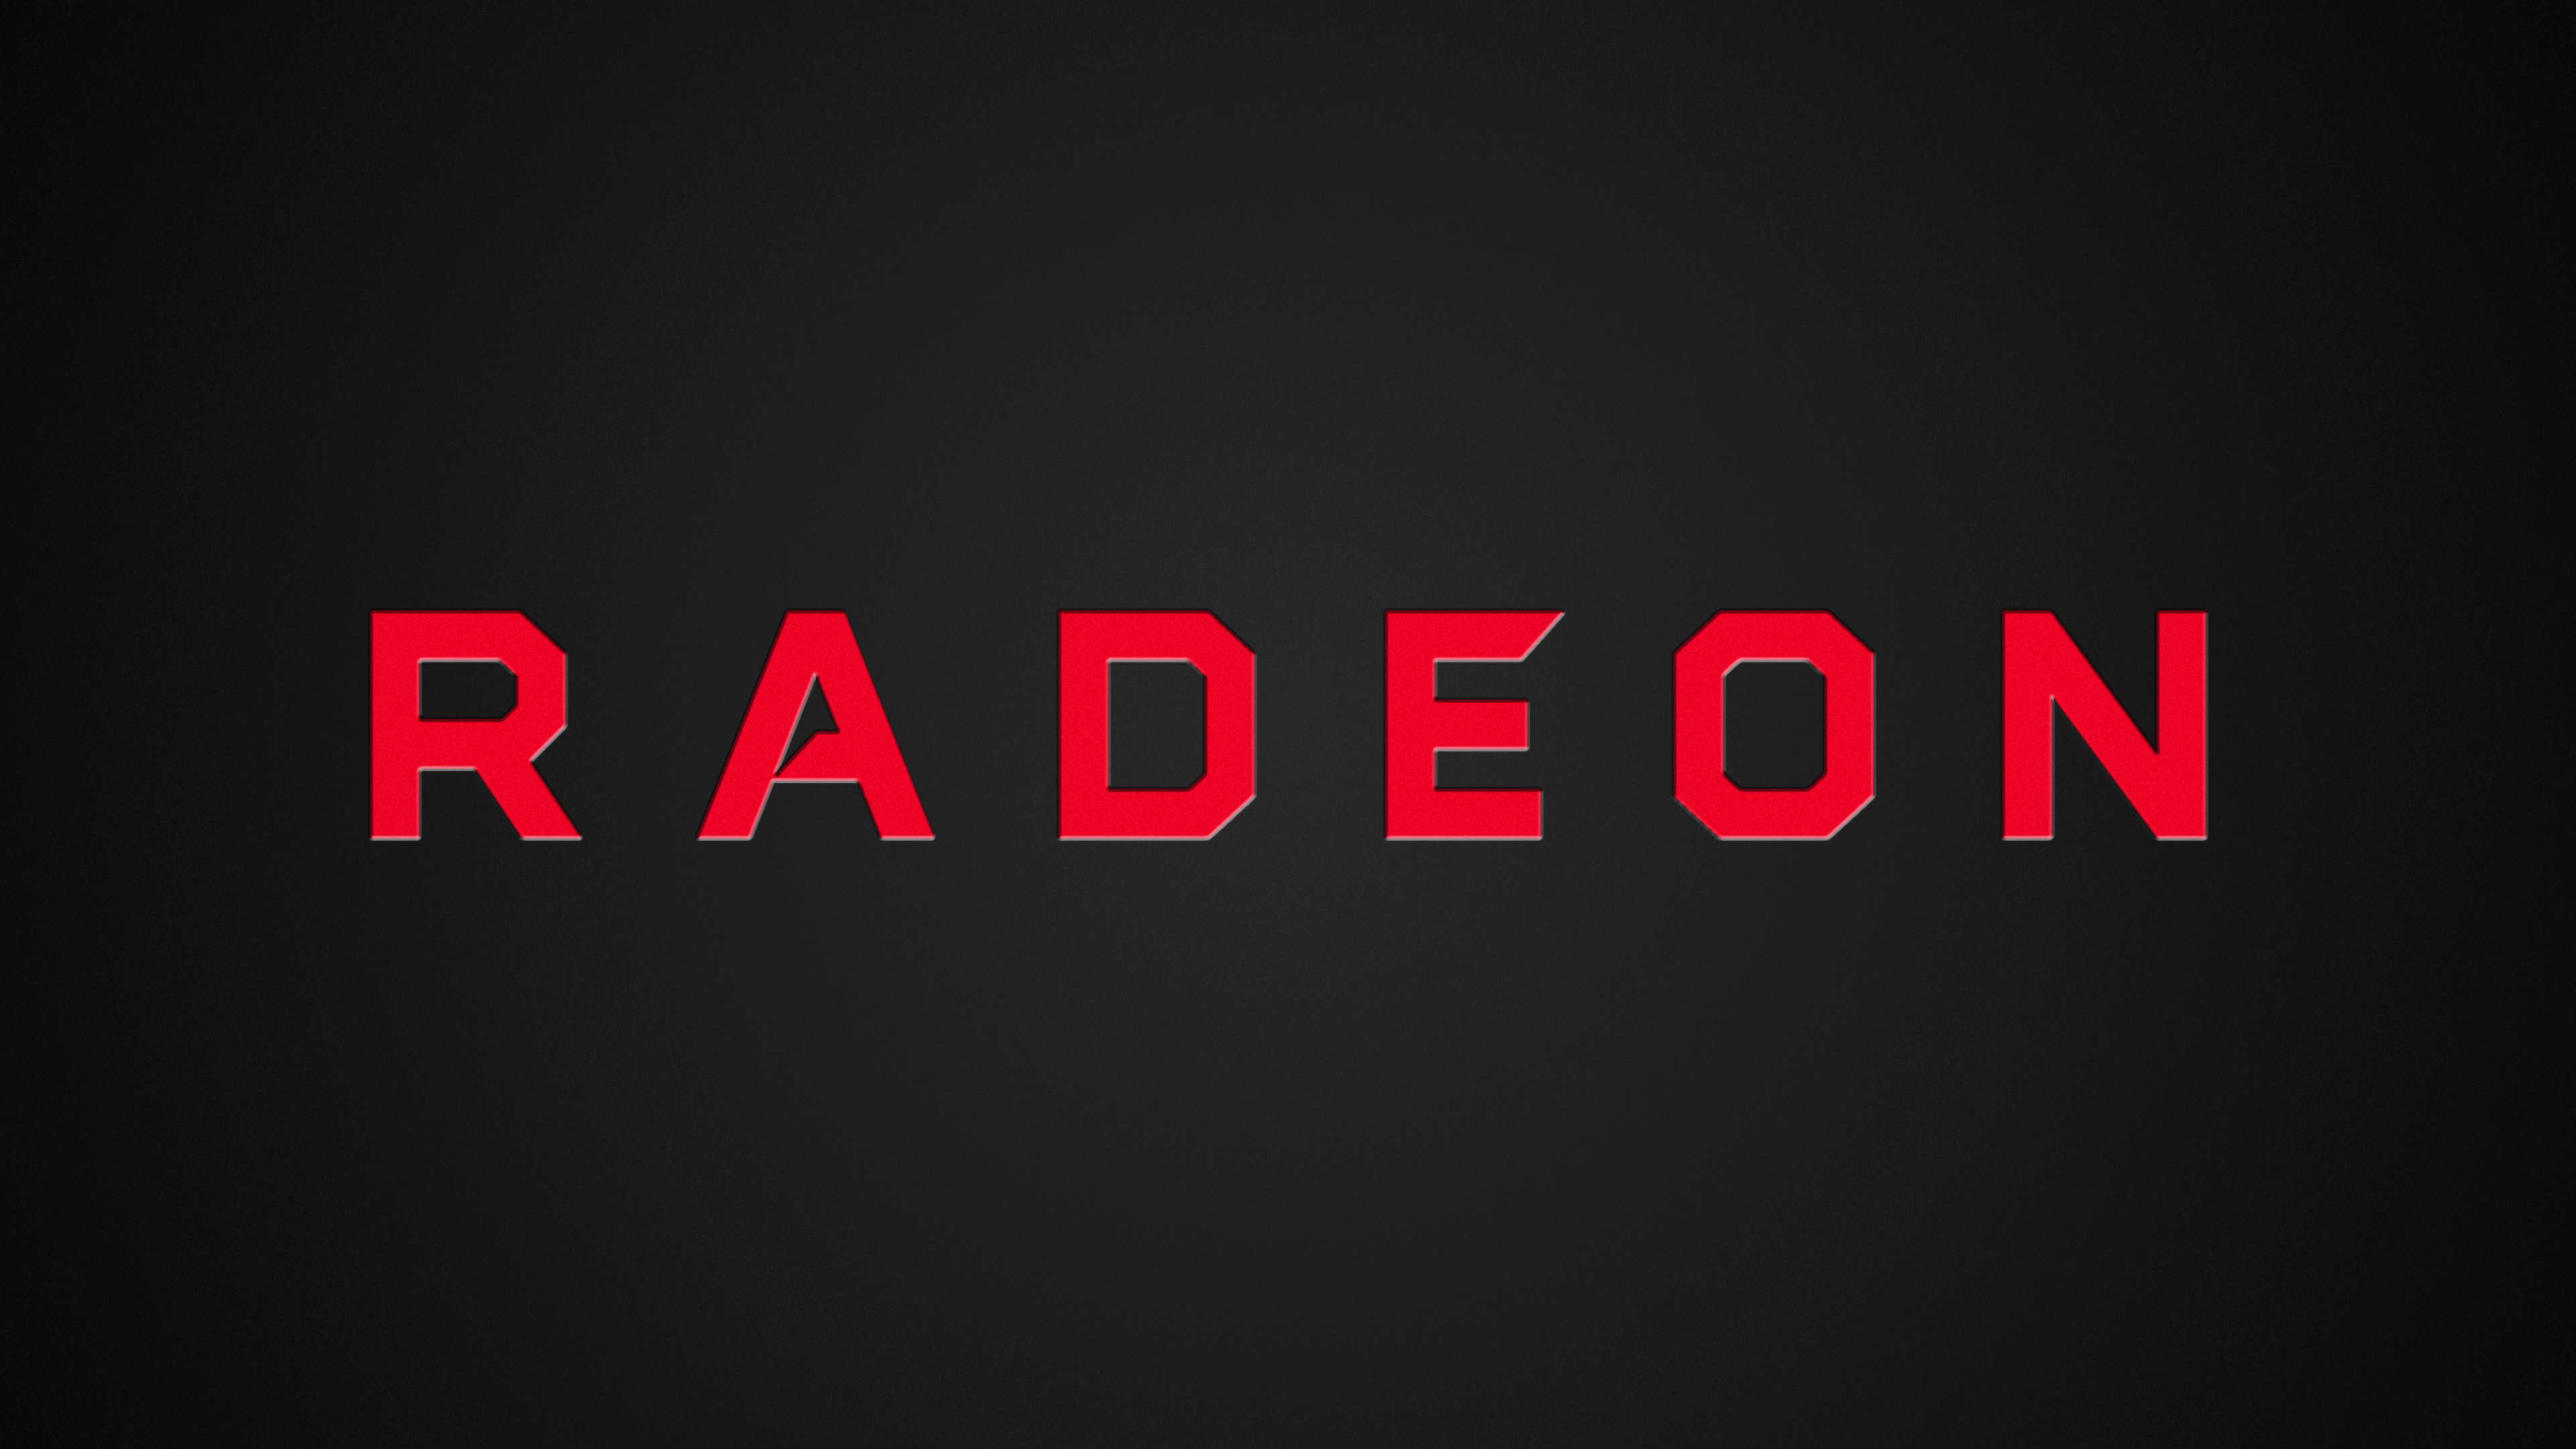 new radeon logo 4k wallpaper by rv770 on deviantart